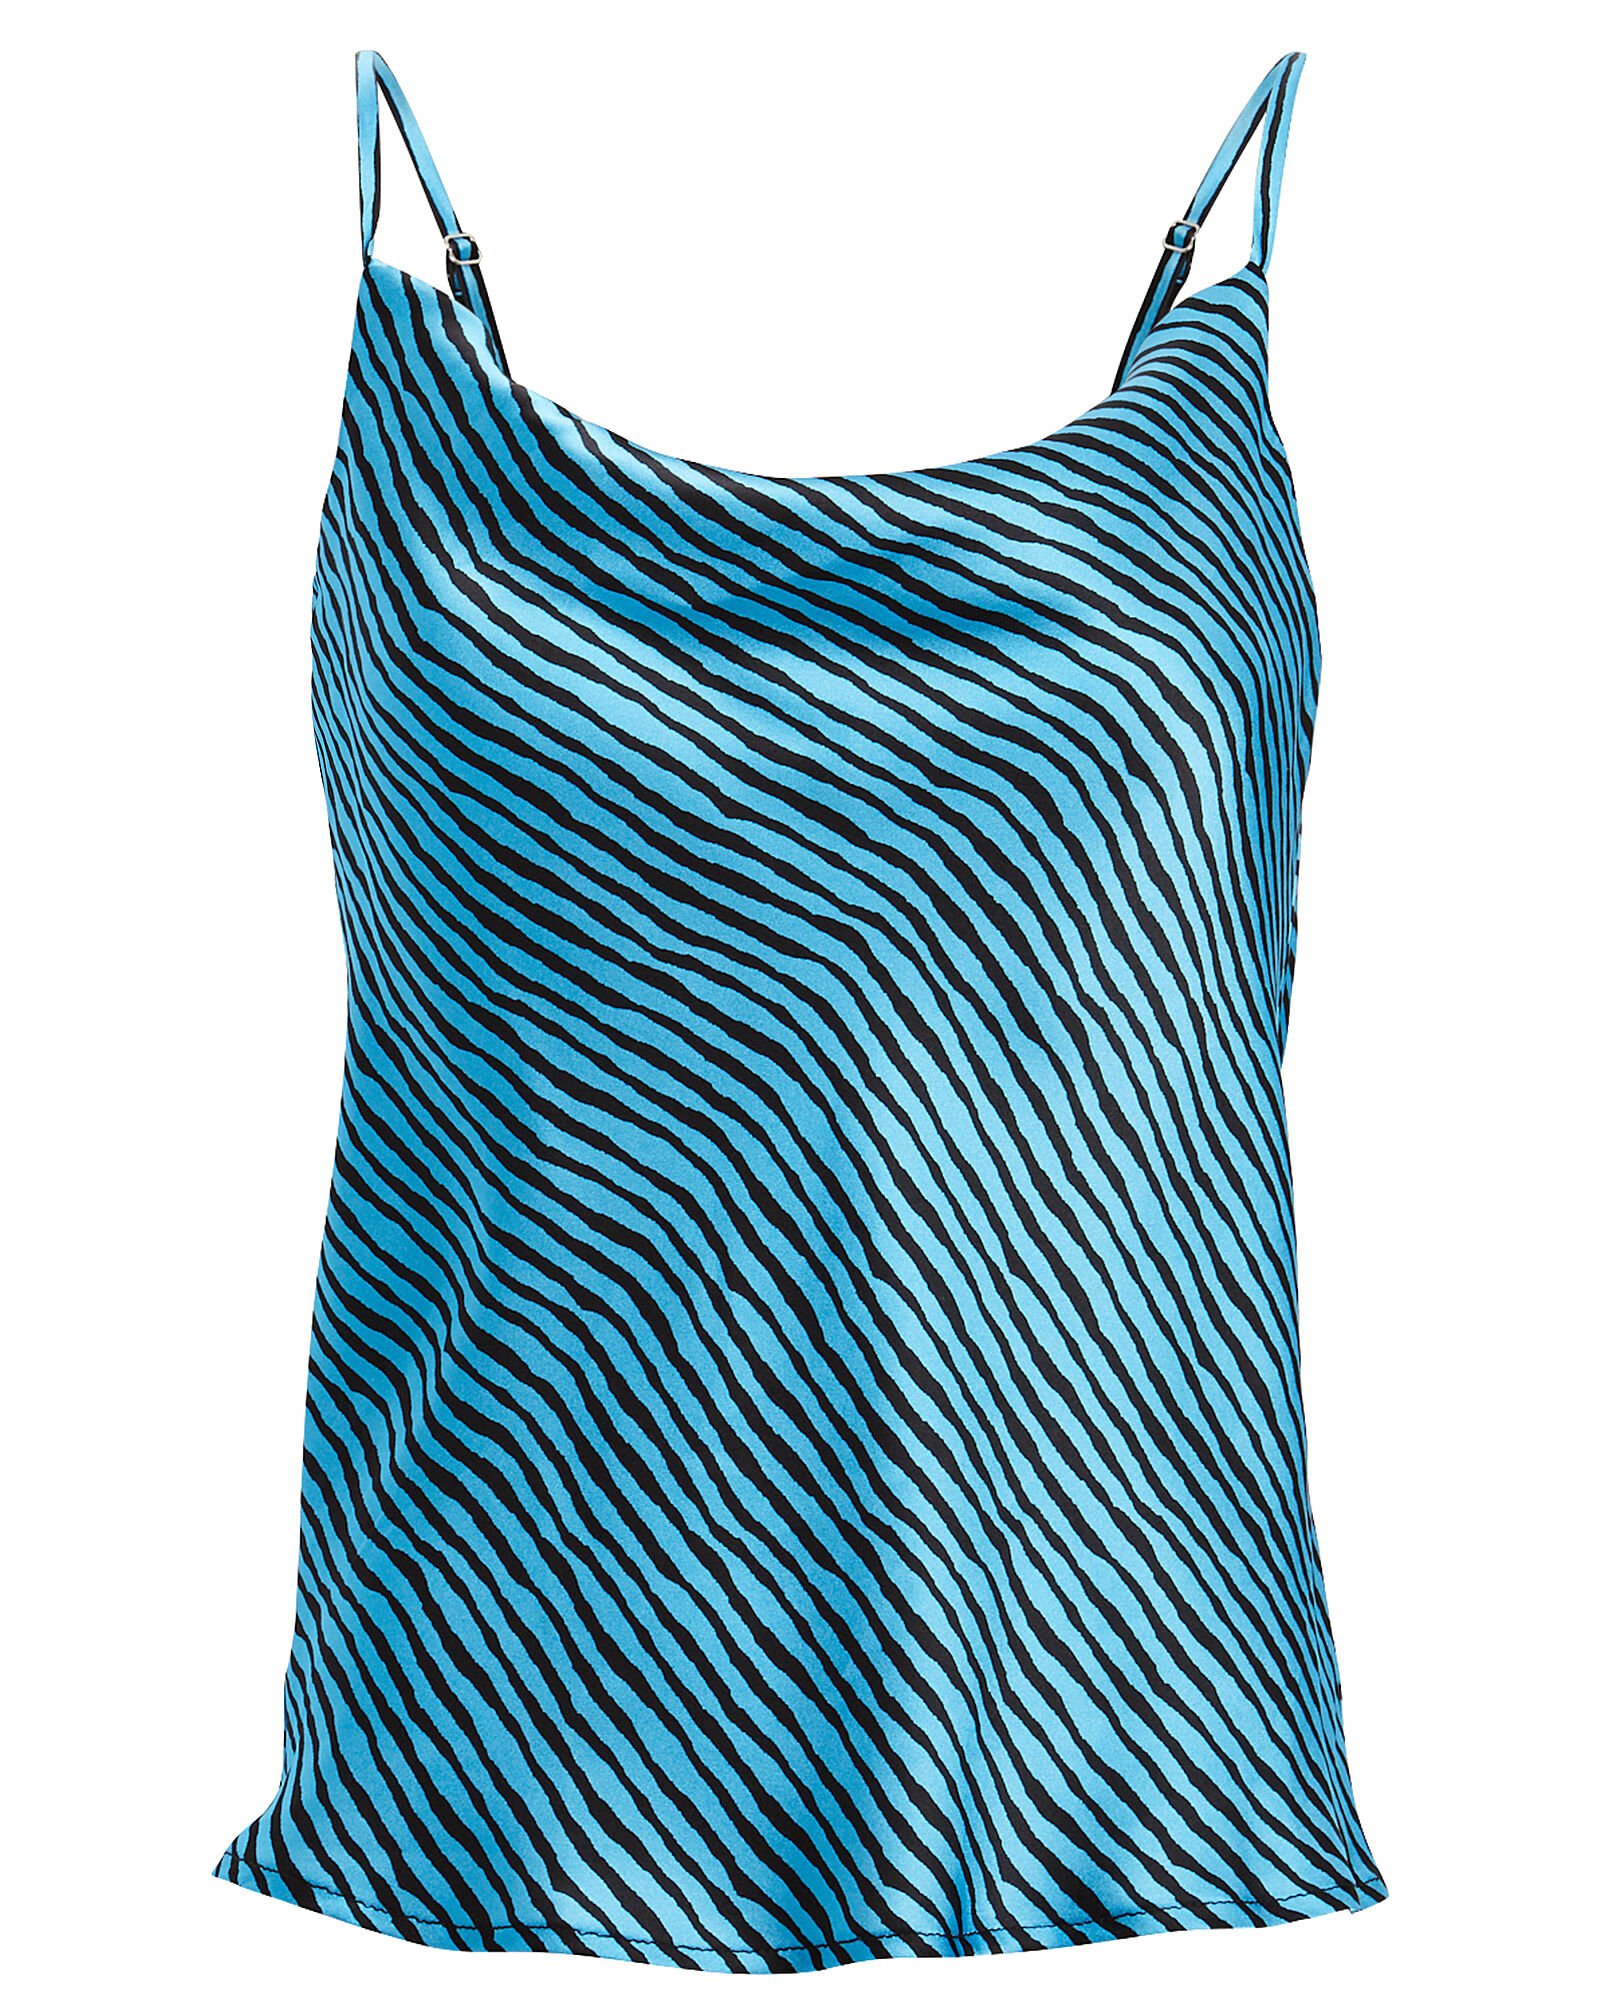 Olivia Rubin | Clover Striped Silk Camisole | INTERMIX®